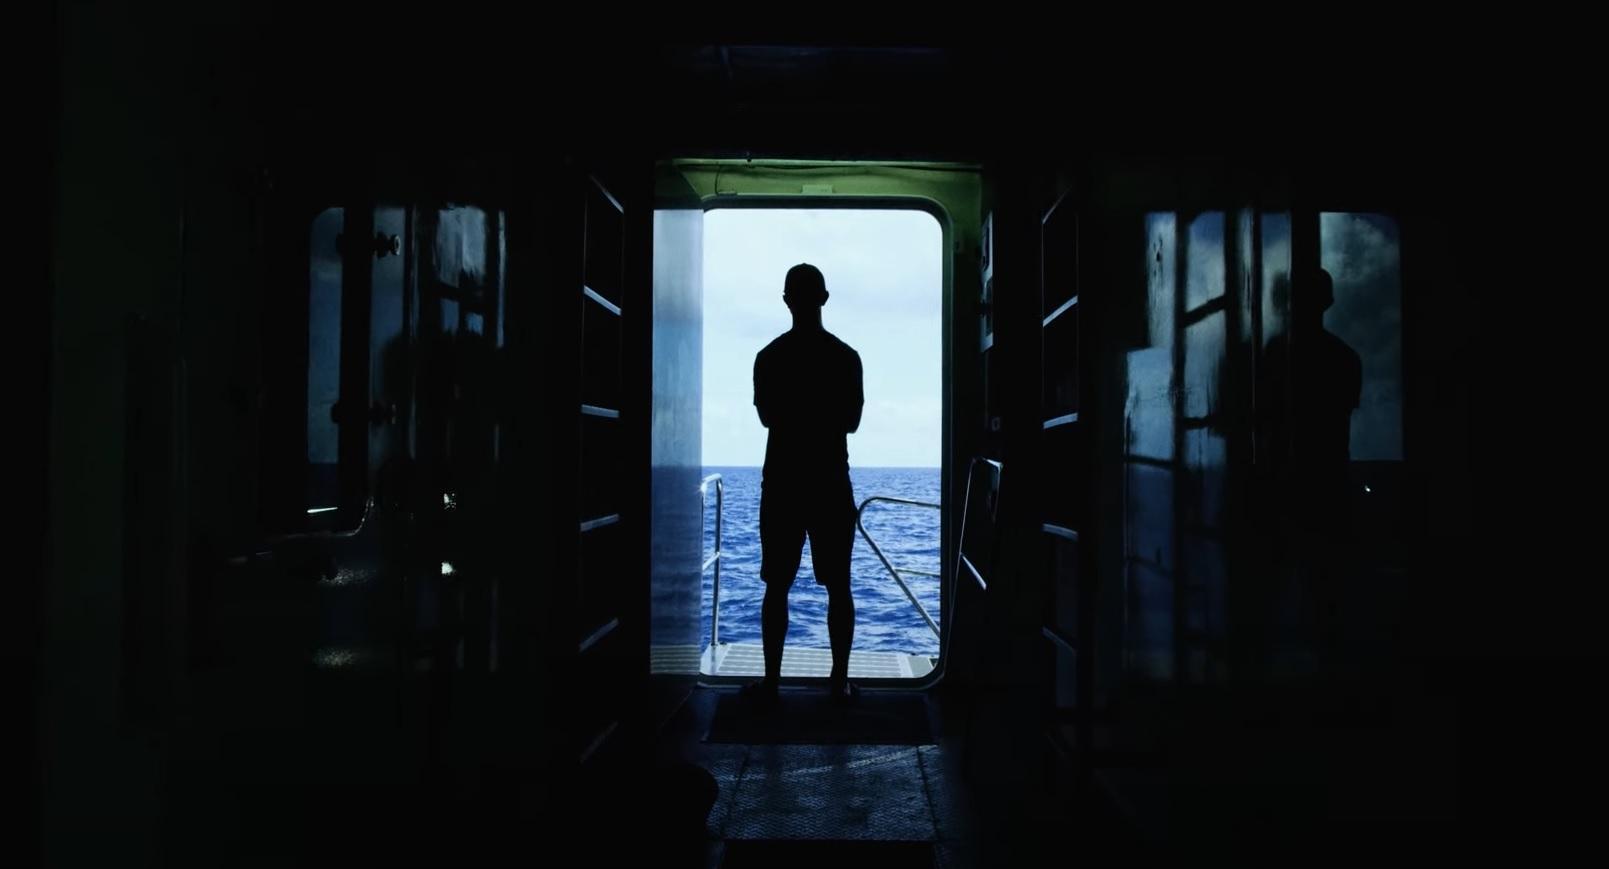 Homenaje de la gente de mar, héroes silenciosos del comercio internacional durante la pandemia